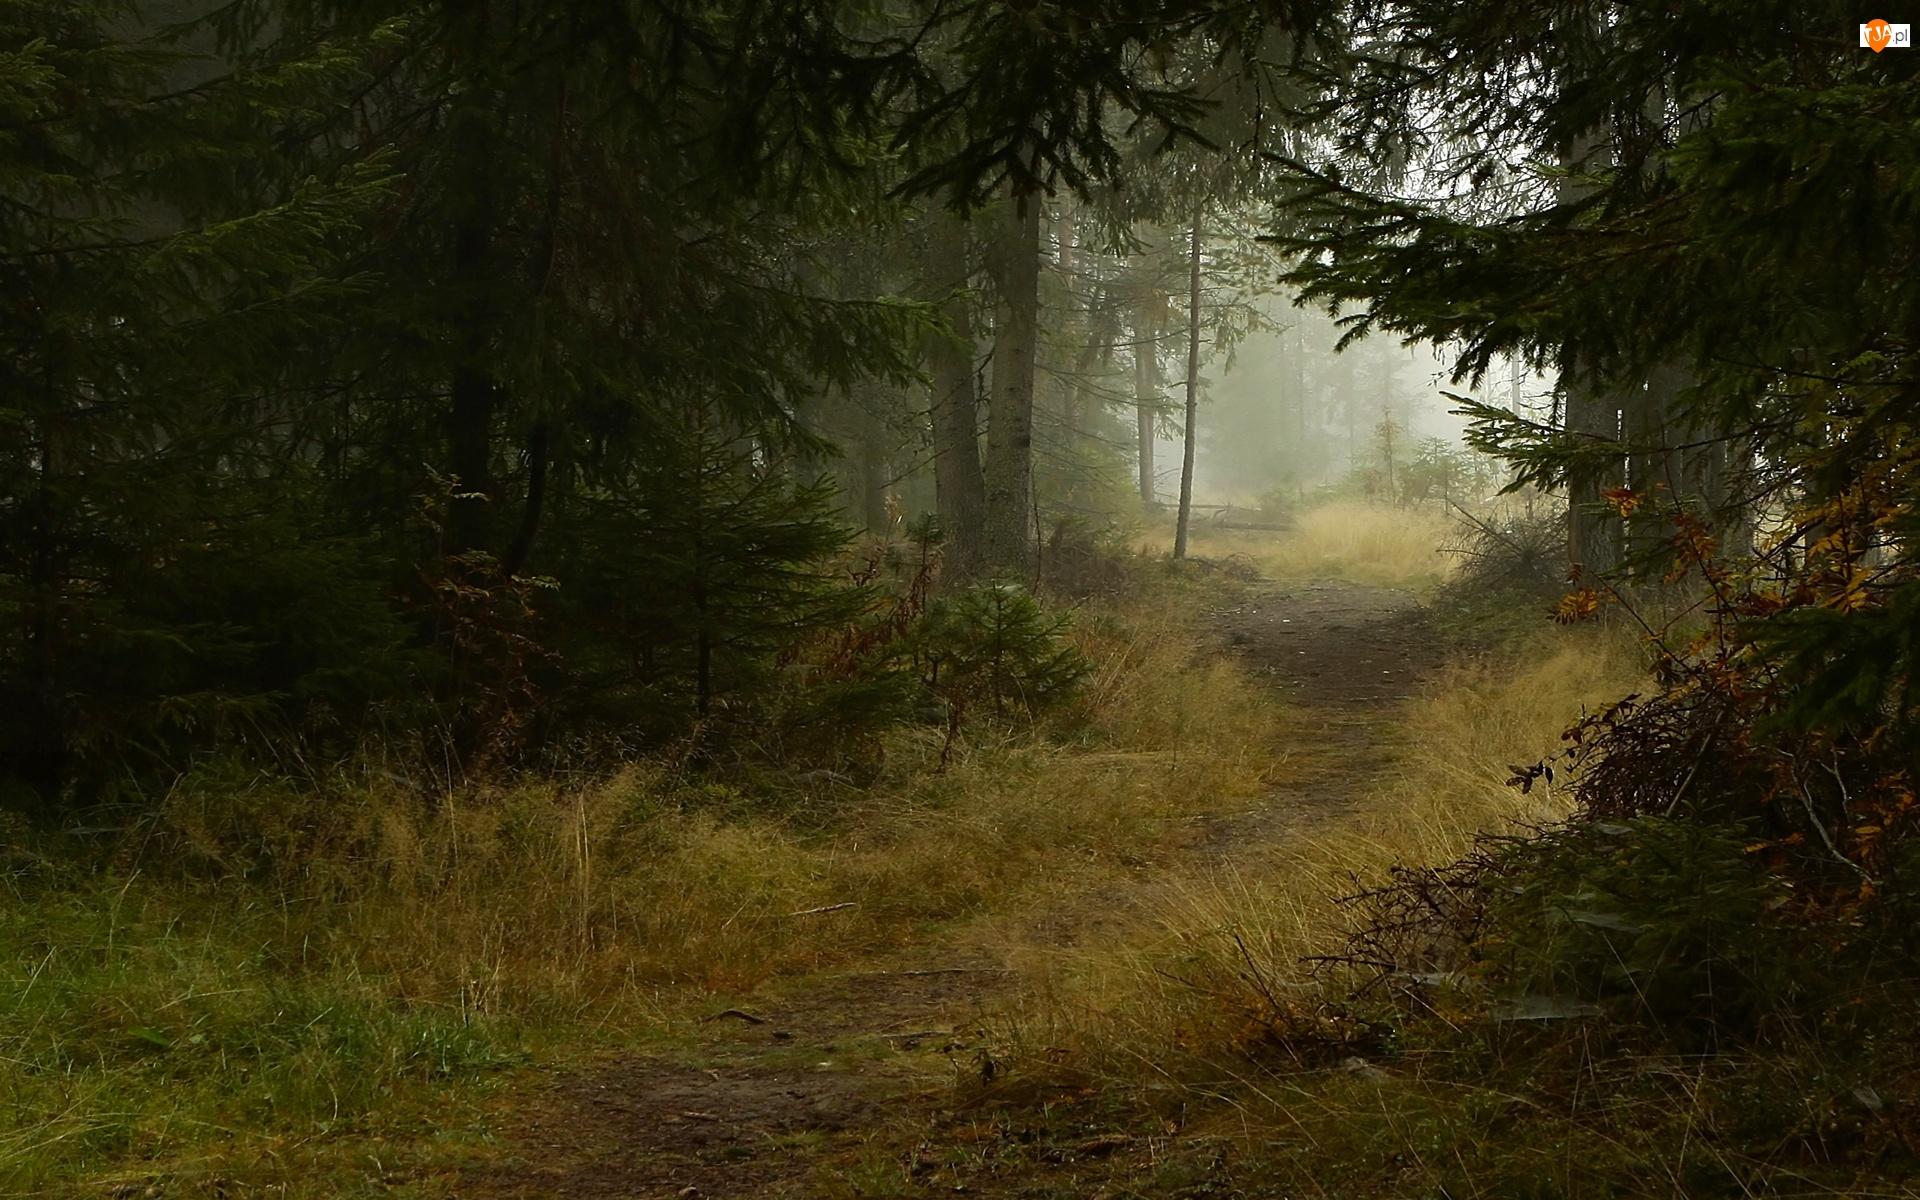 Las, Jesień, Ścieżka, Mgła